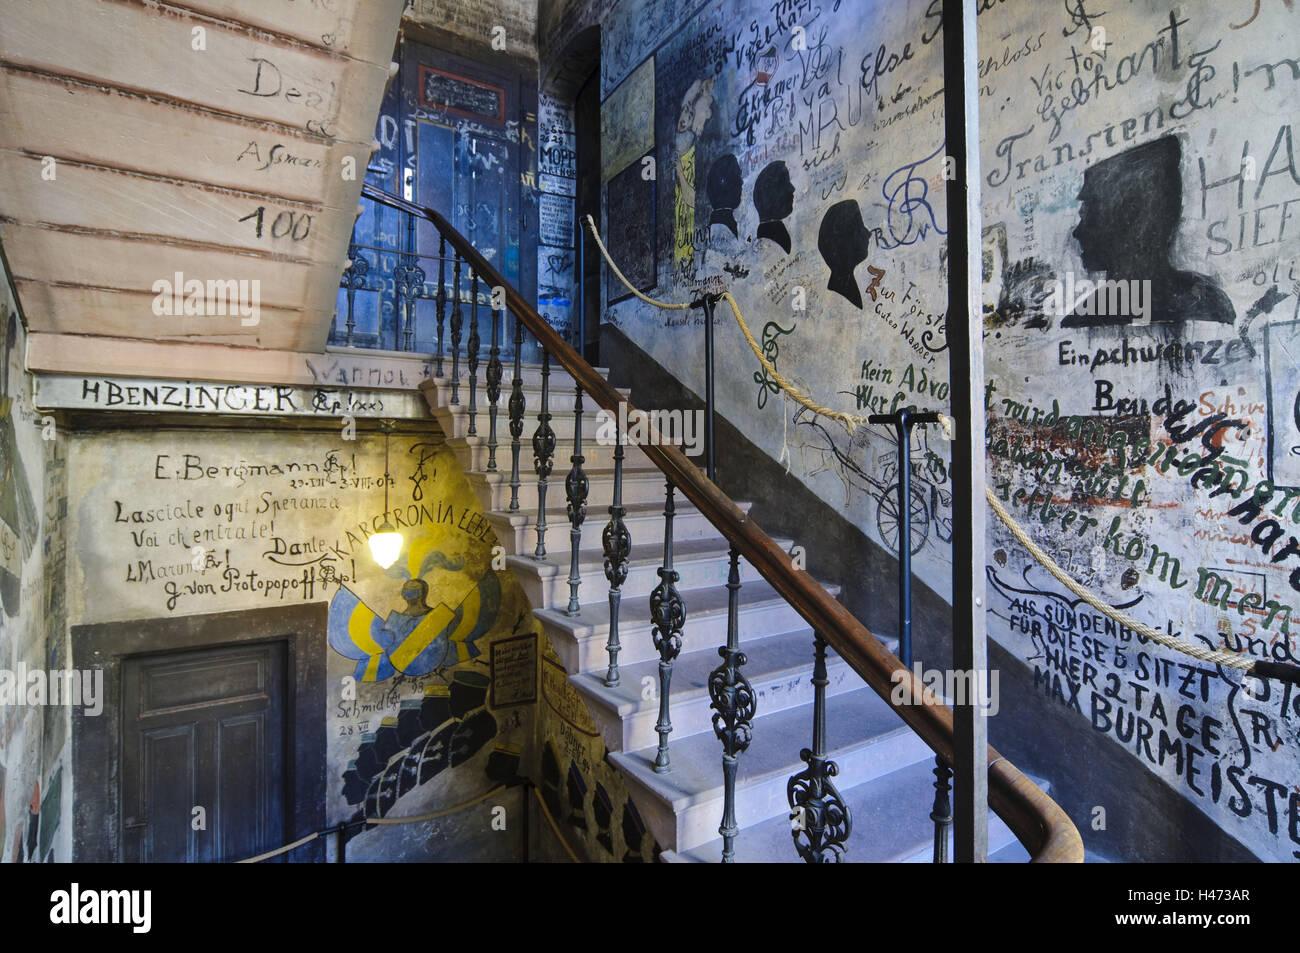 Heidelberg, estudiante de la celda de detención, pinturas murales, graffiti, Universidad, Baden-Wurttemberg, Alemania Foto de stock